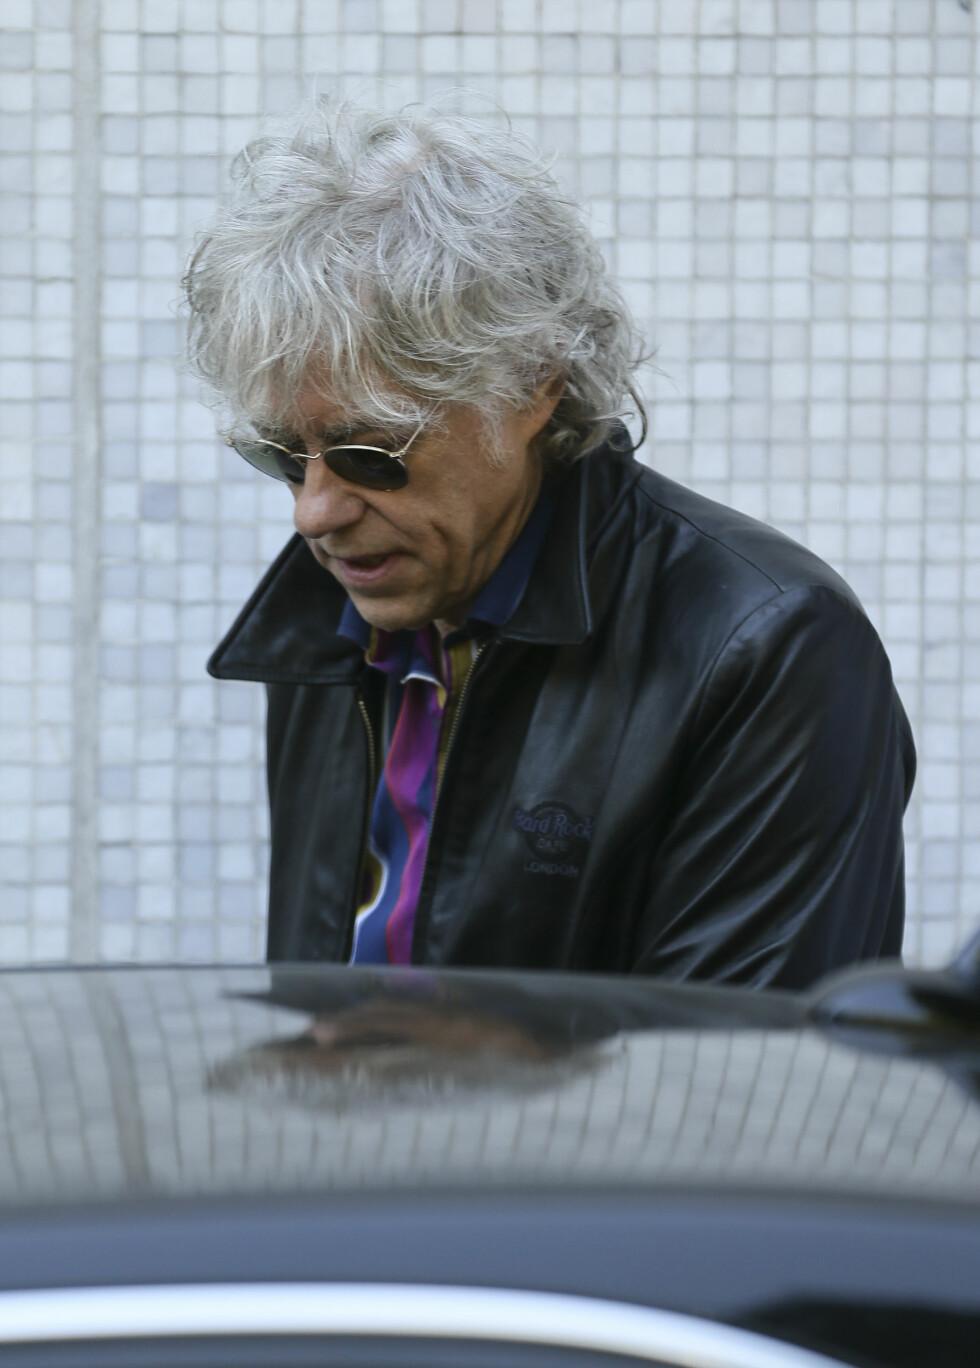 TYDELIG PREGET: Det var en preget Geldof som viste seg utenfor TV-studioet fredag morgen. Foto: Simon Earl / Splash News/ All Over Press